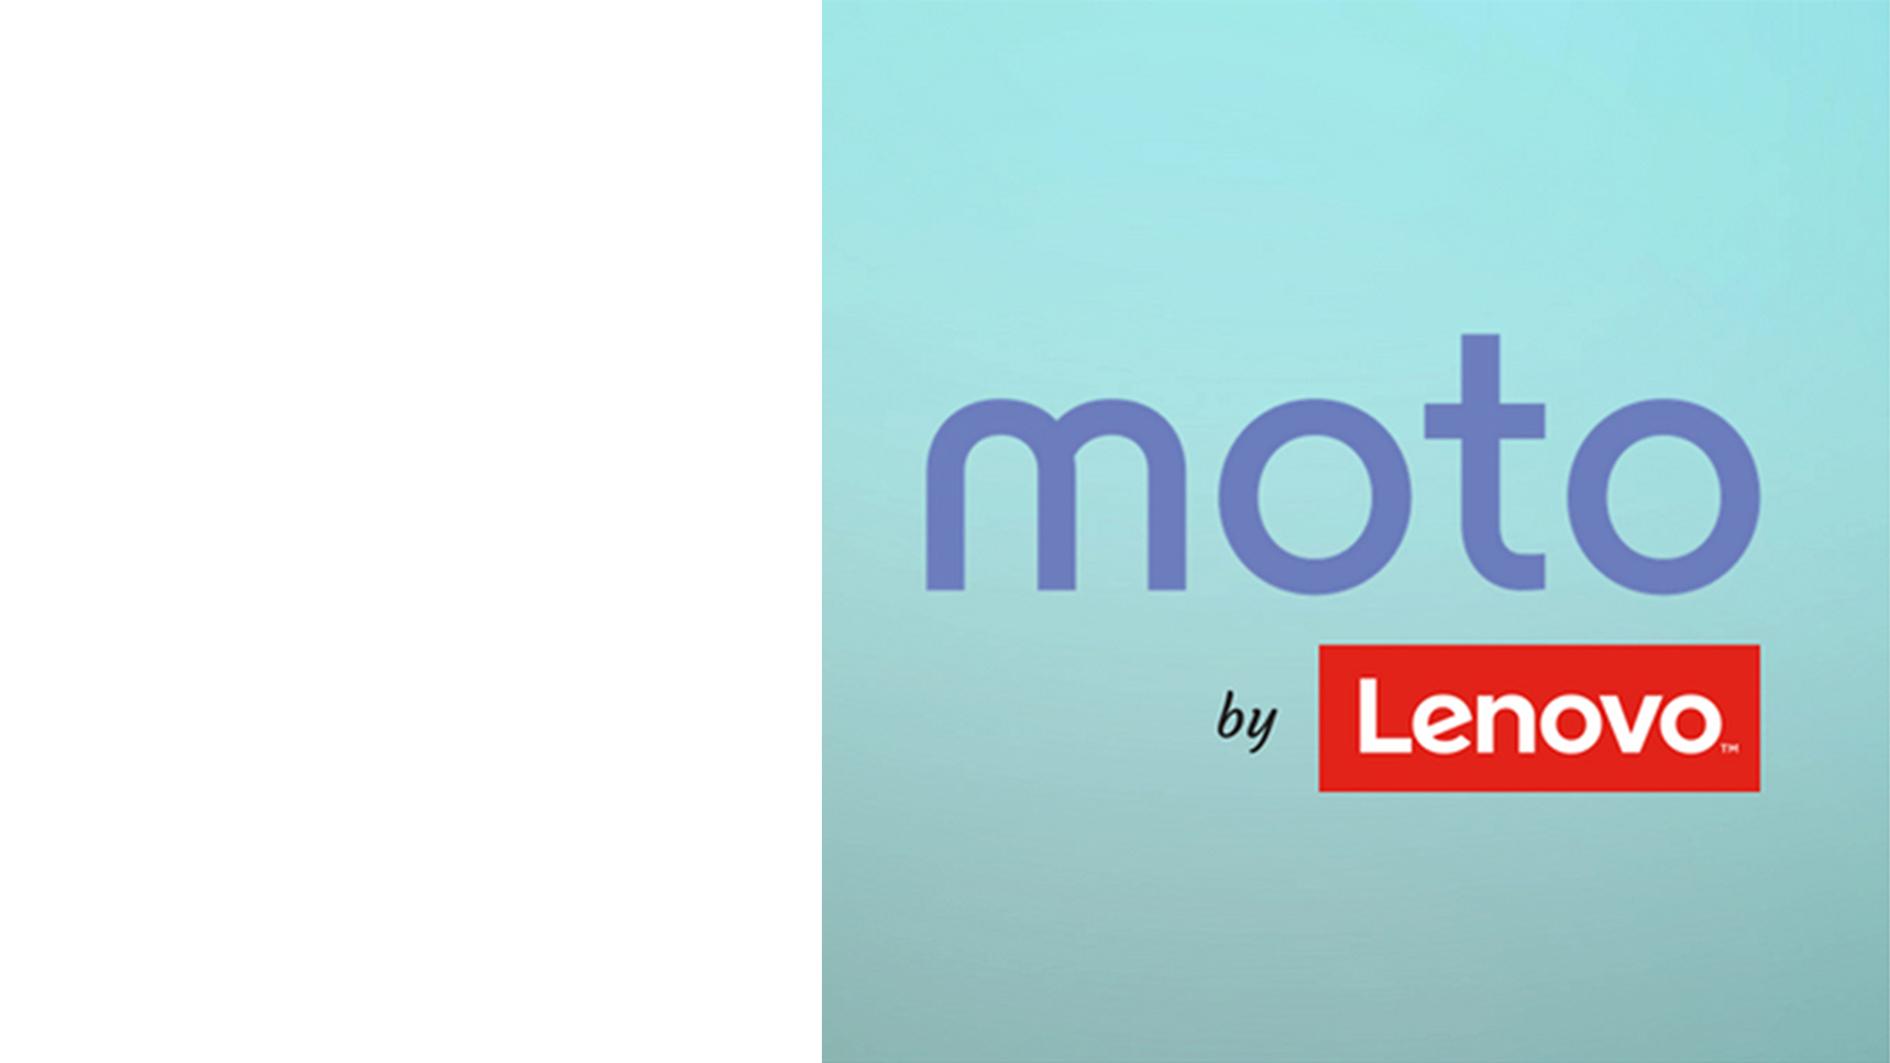 Moto by Lenovo Logo